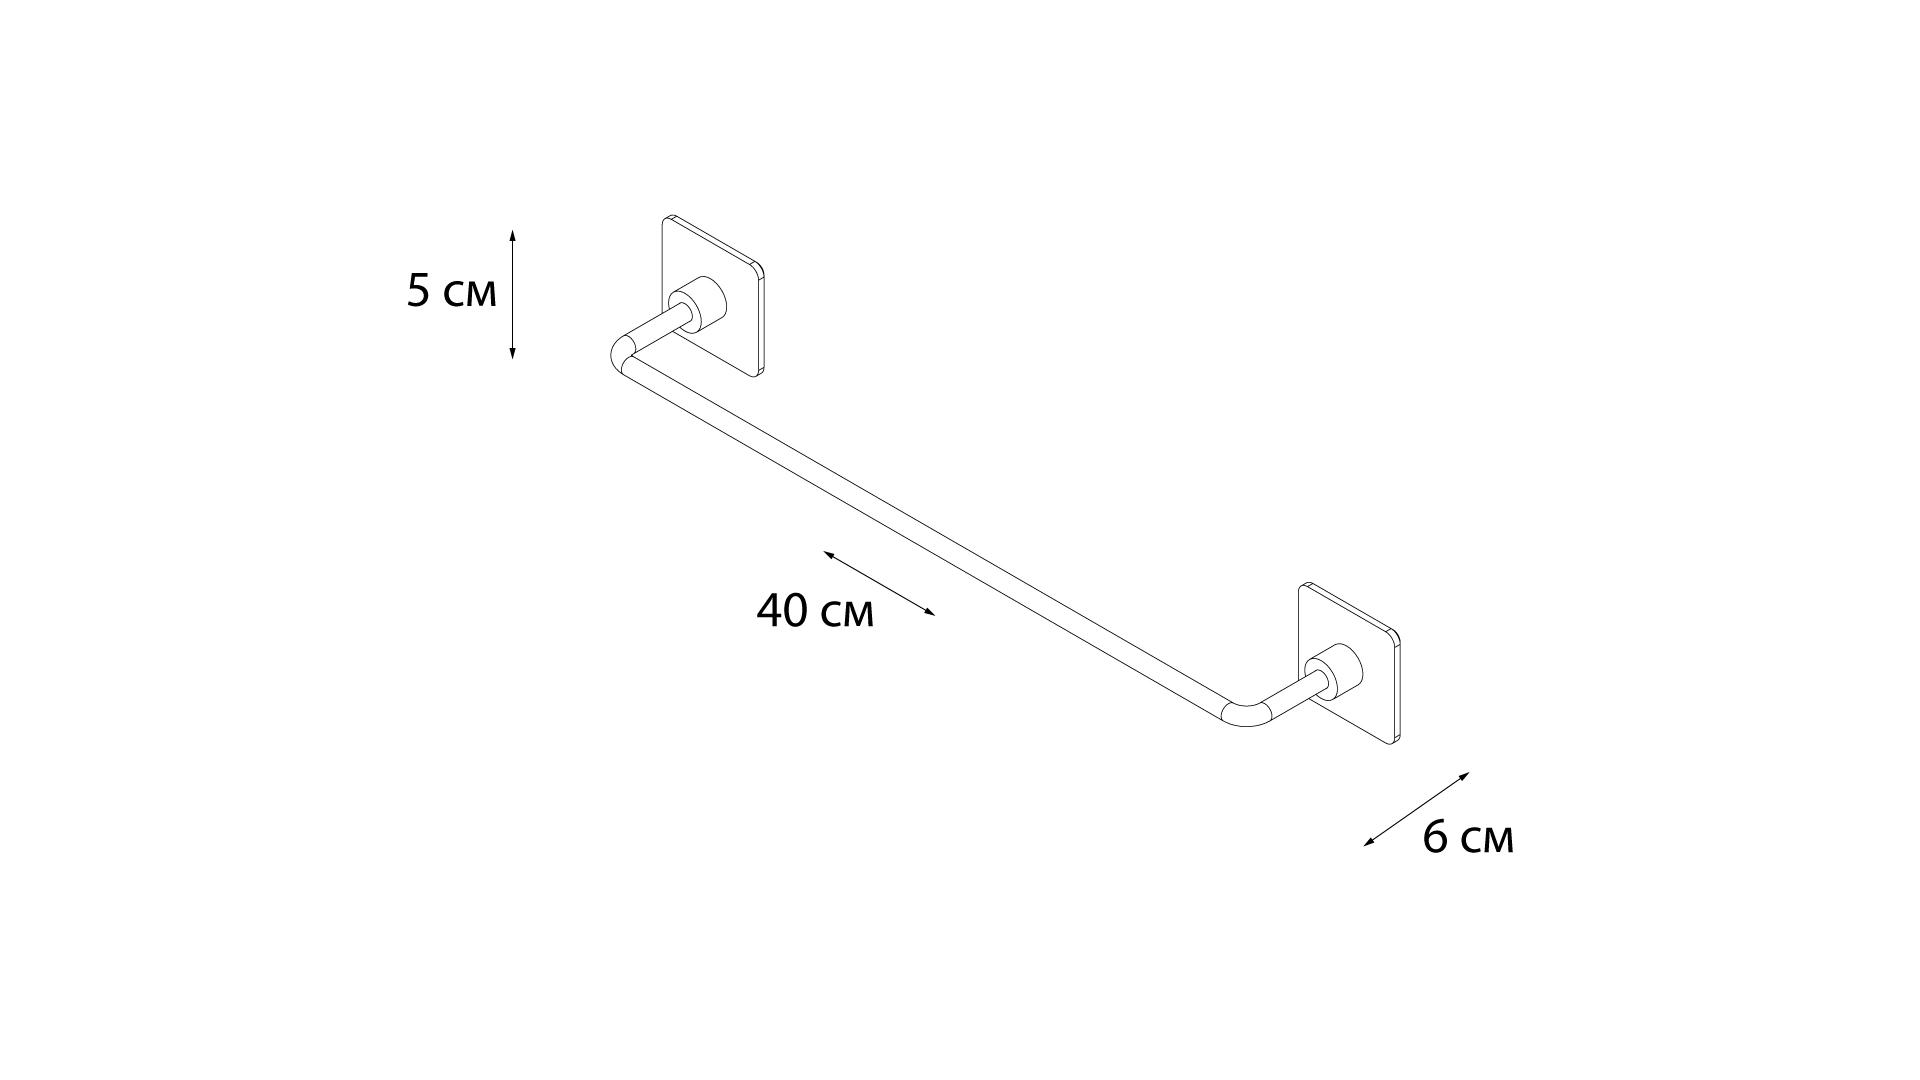 Полотенцедержатель трубчатый 40 см